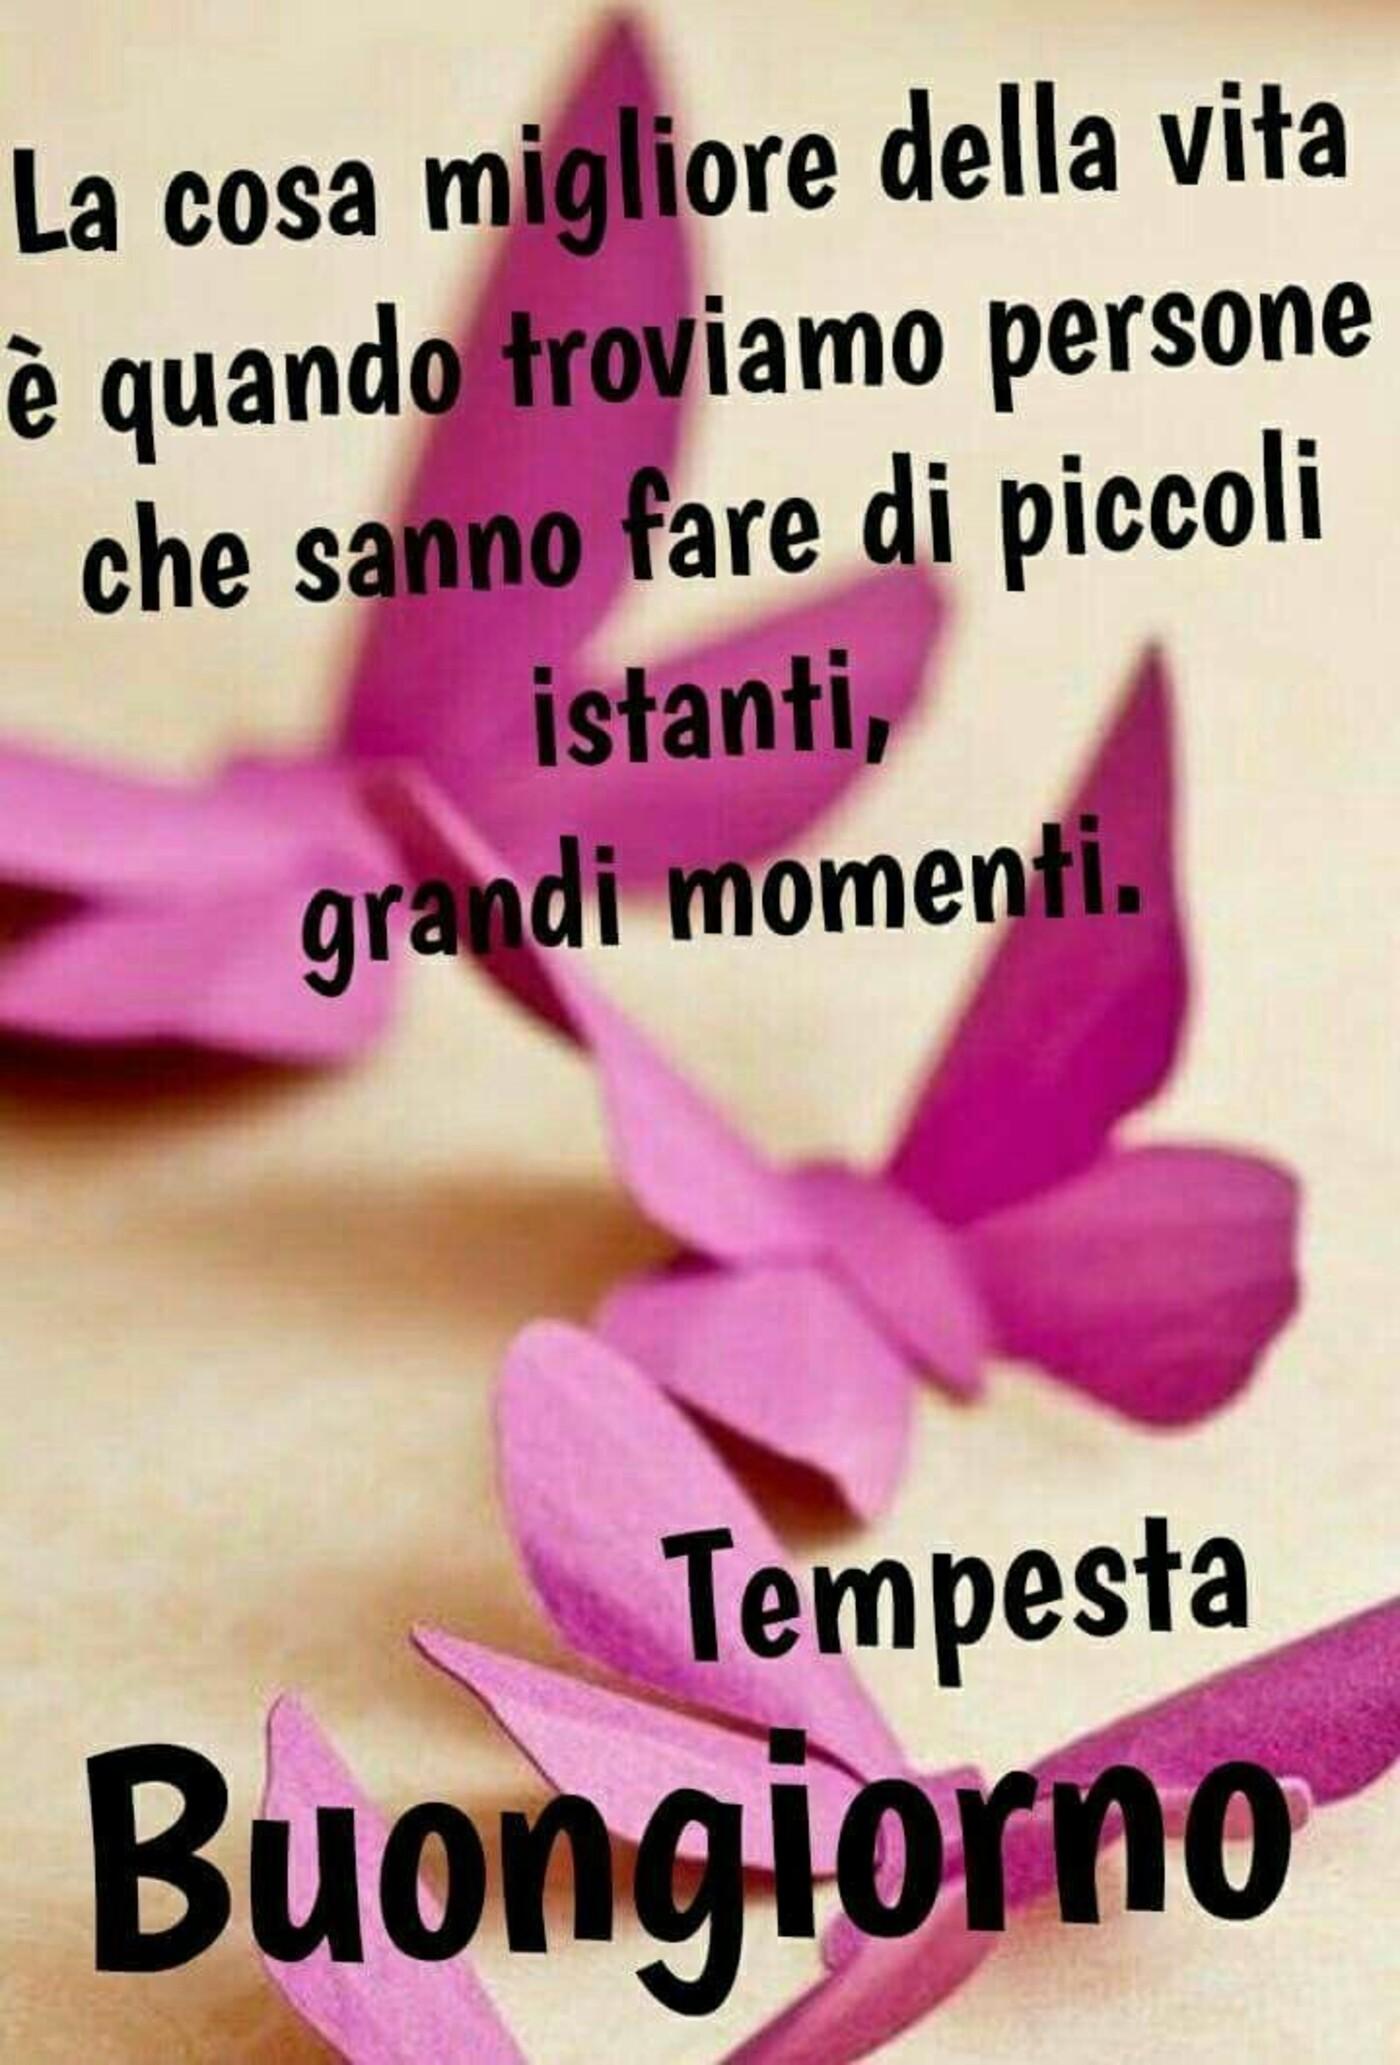 La cosa migliore della vita è quando troviamo persone, che sanno fare di piccoli istanti, grandi momenti. Buongiorno